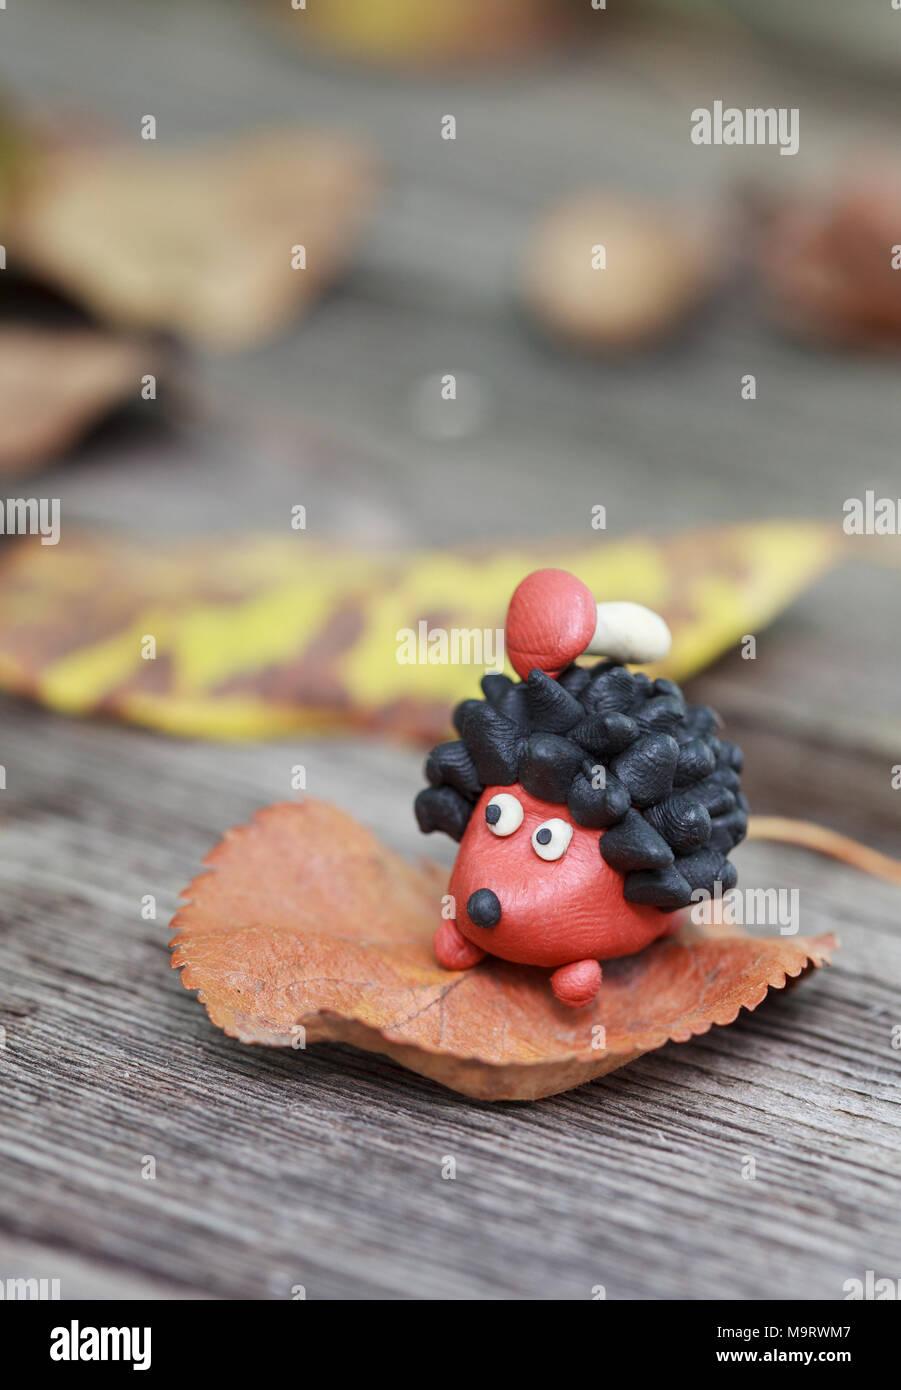 Monde De Pate A Modeler Petit Herisson Fait Maison Aux Cepes Sur Son Dos Entoure De Feuilles Mortes Selective Focus On The Hedgehog Photo Stock Alamy